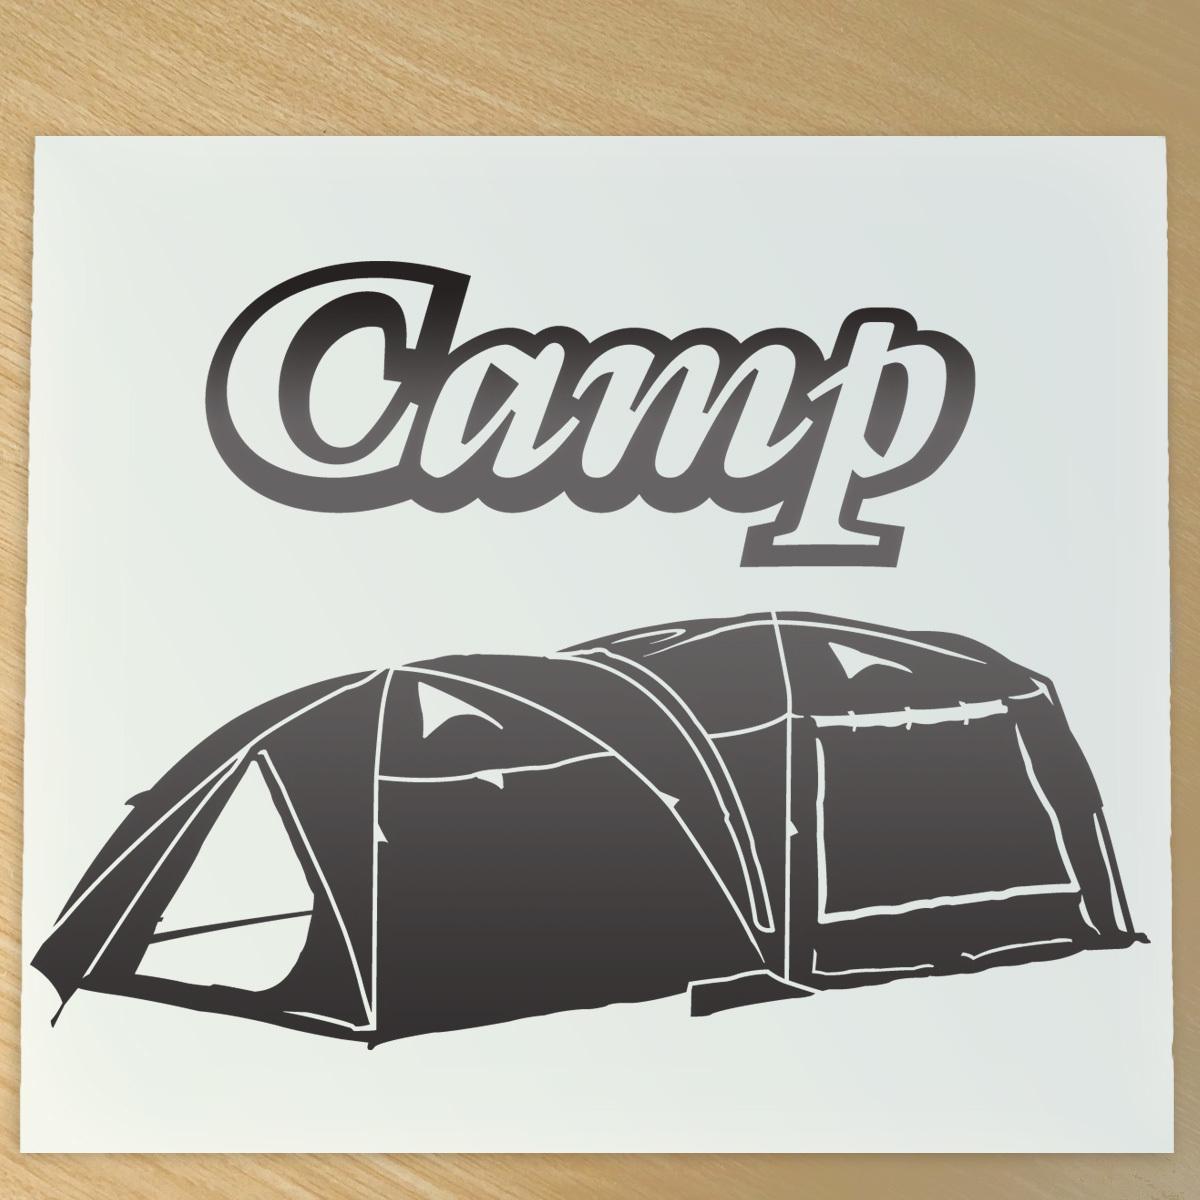 ●キャンプ キャンパー ステッカー テントイラスト ツールームドーム NO626E_画像1